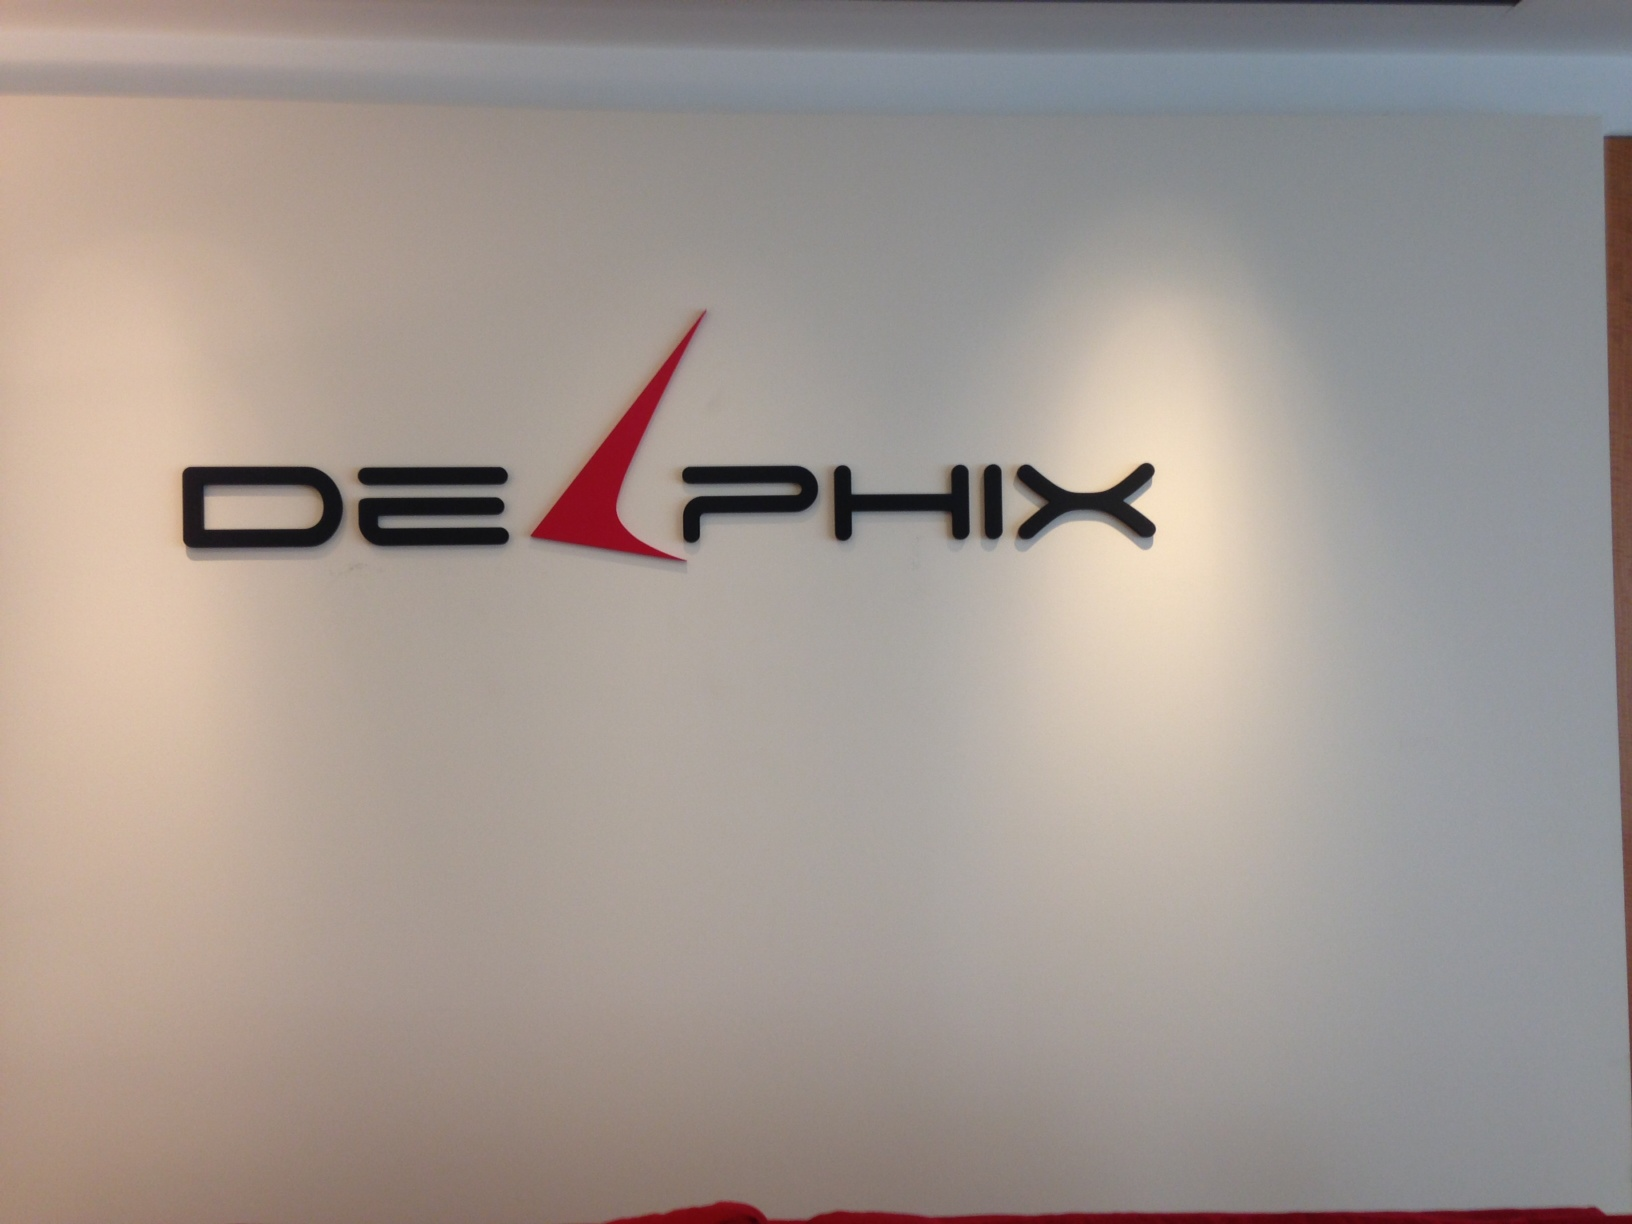 Delphix_LobbySign.jpg